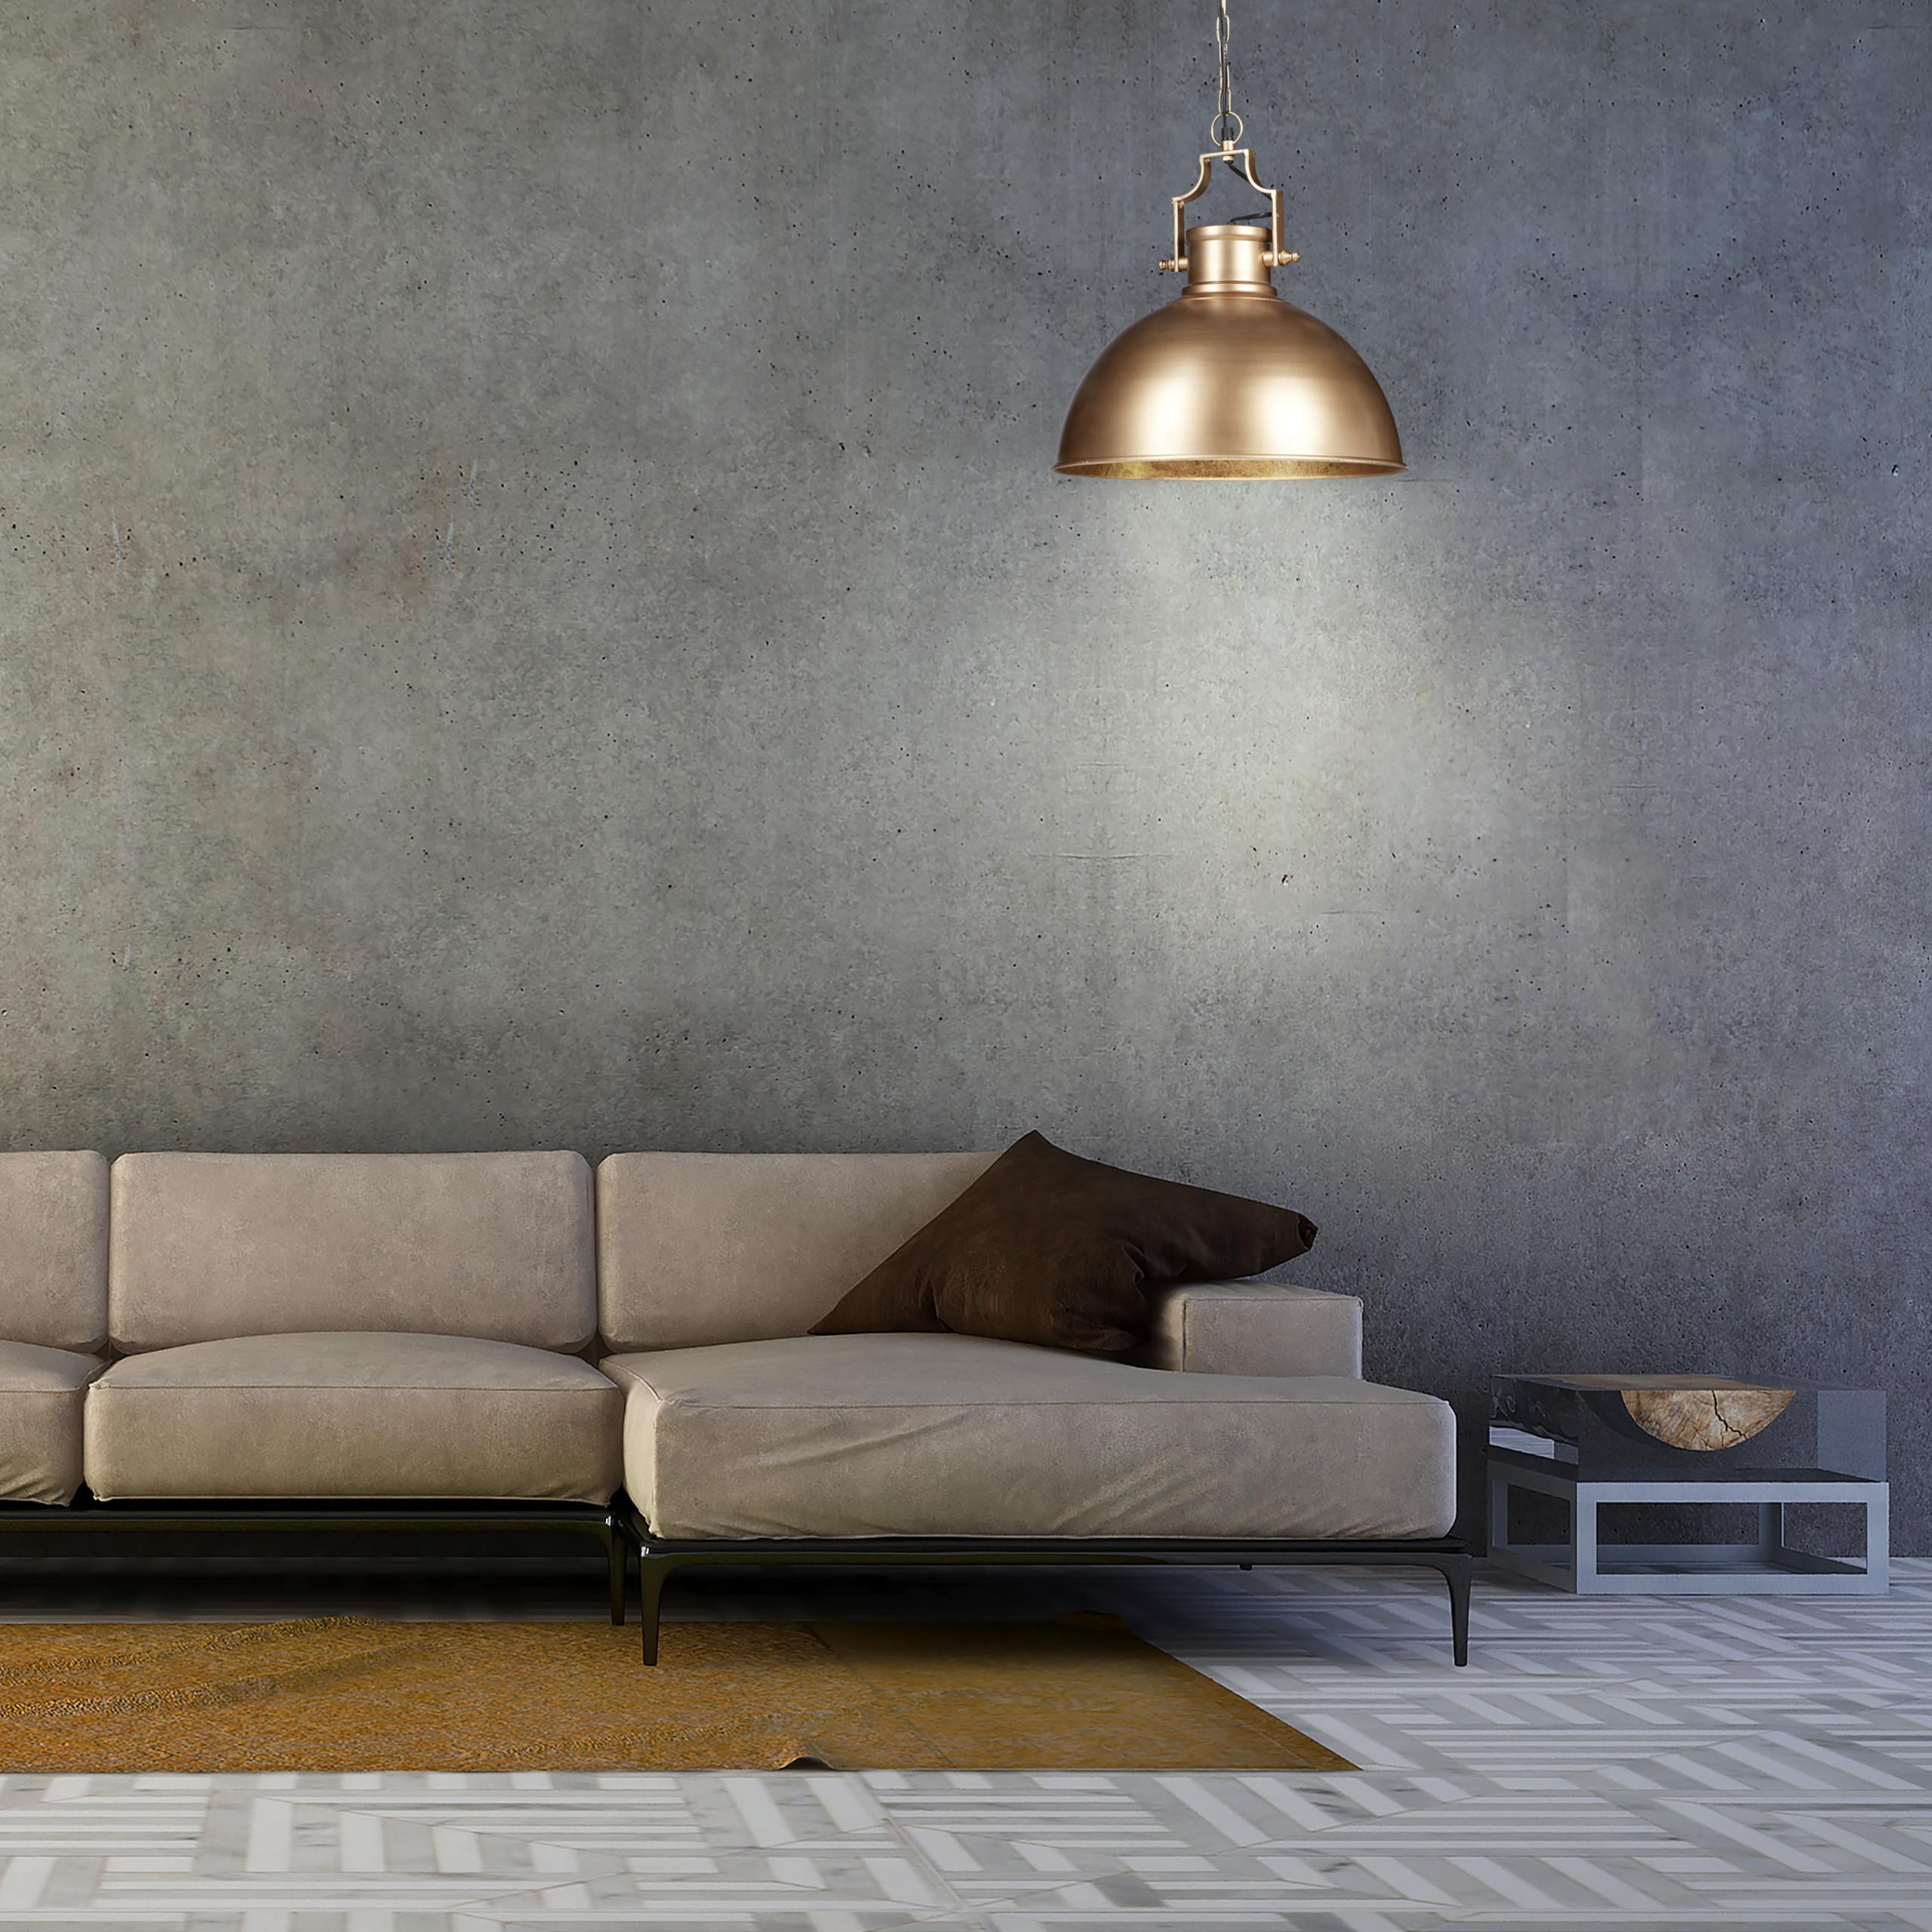 h ngelampe industrial design gro retro industrielampe. Black Bedroom Furniture Sets. Home Design Ideas